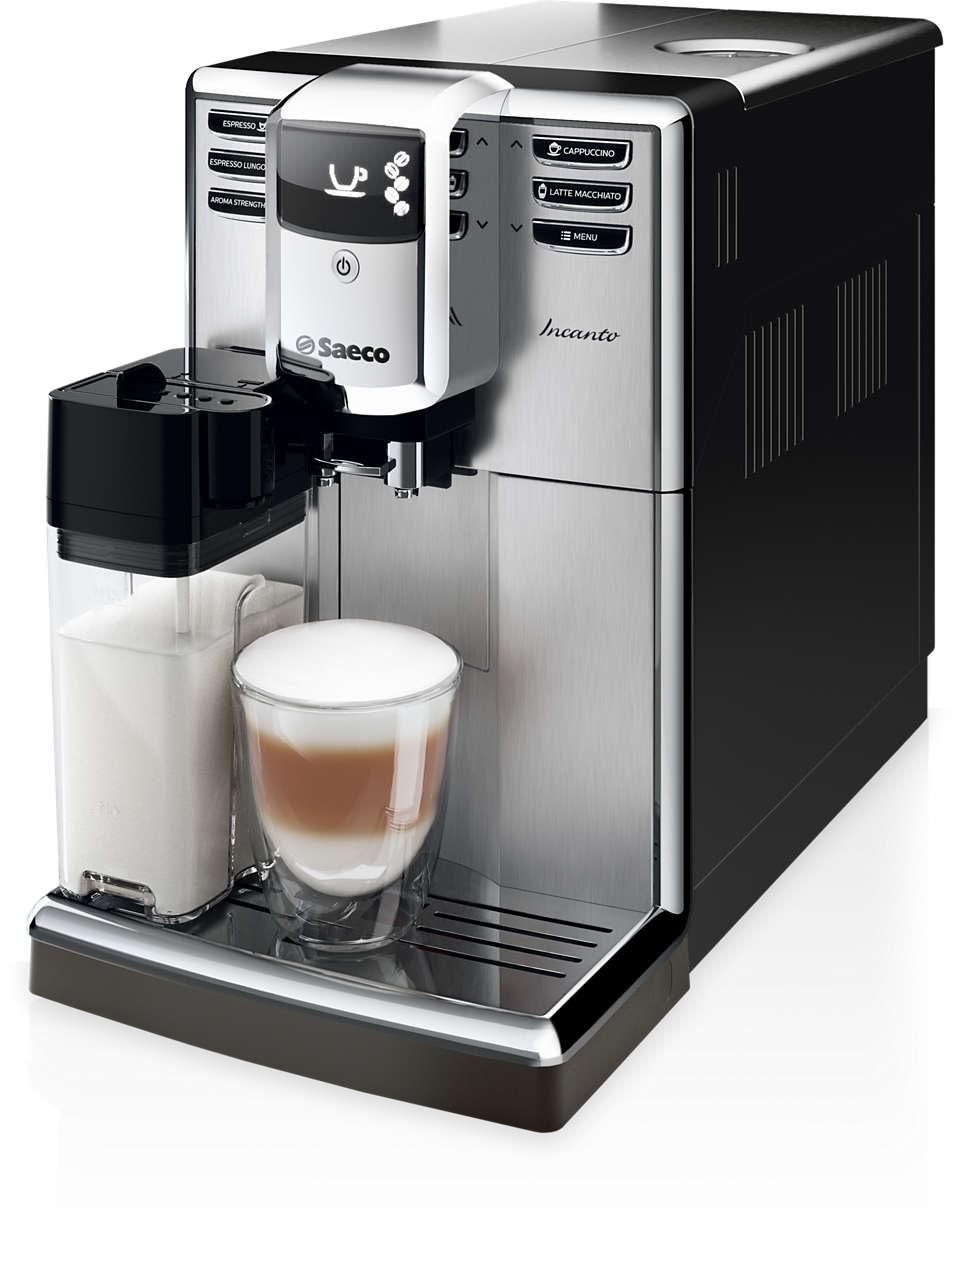 Forme élégante. Café à la qualité exceptionnelle.